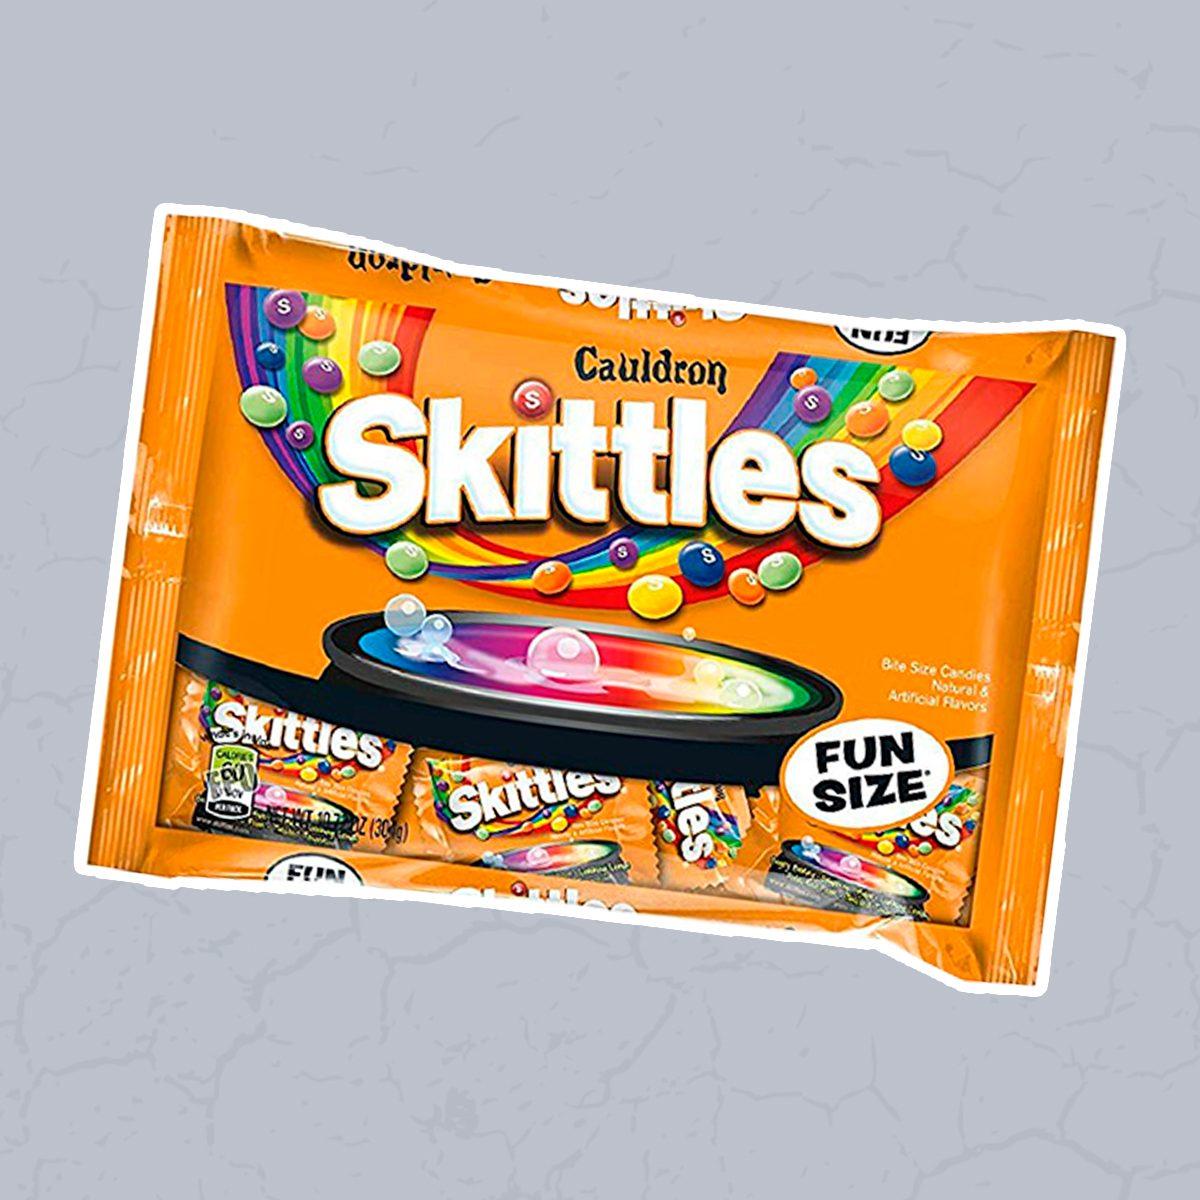 Skittles Cauldron Halloween Fun Size - 10.72oz / 20ct